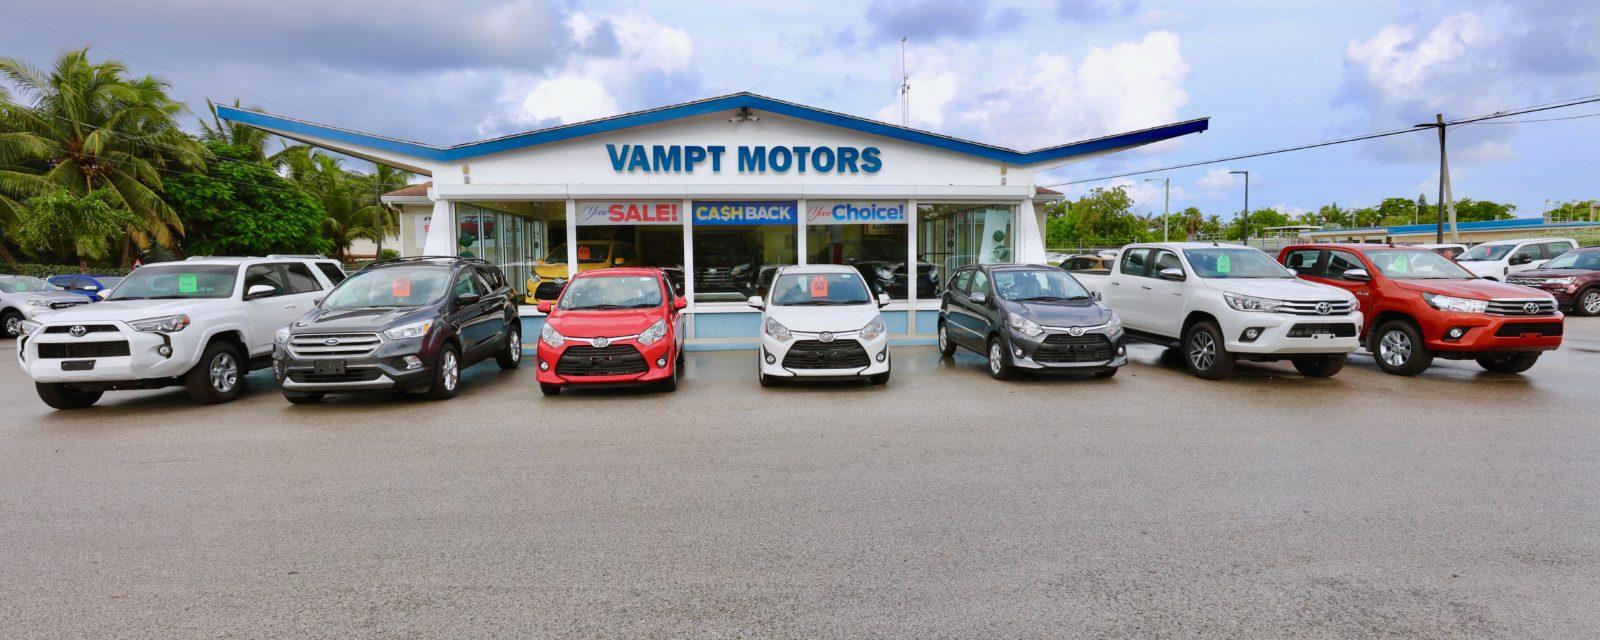 Vampt Motors